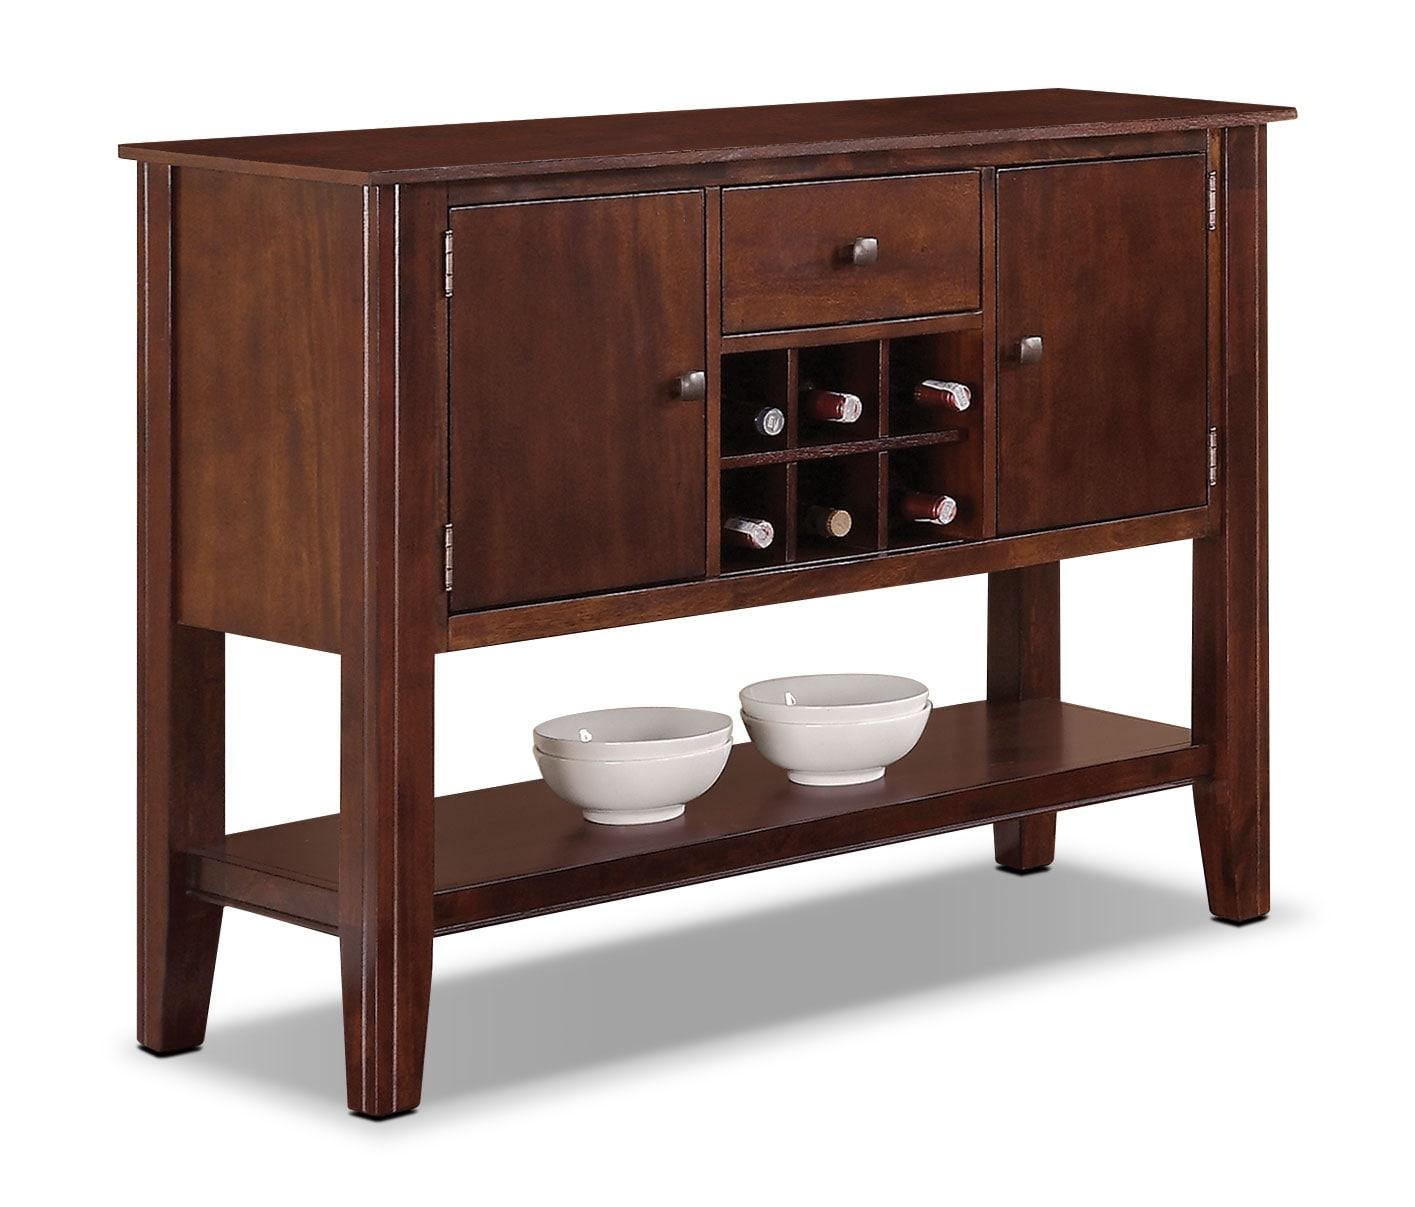 Dining Room Furniture - Holland Server